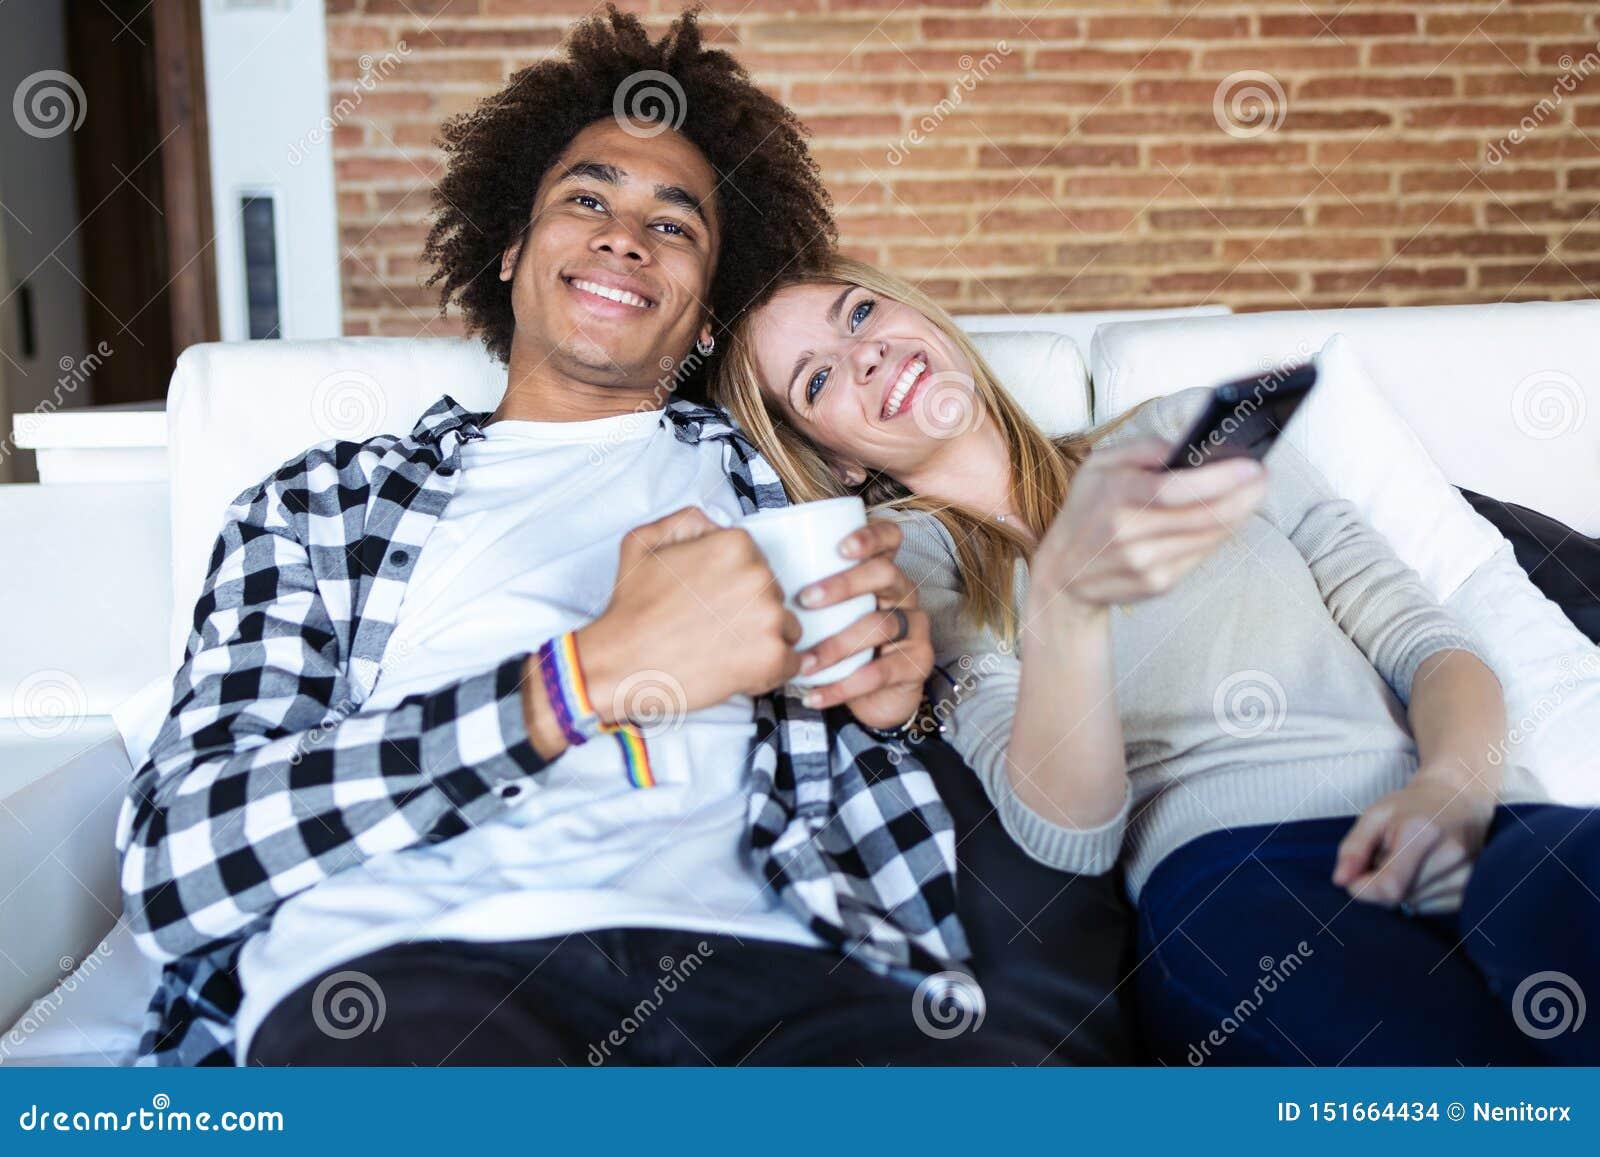 Ontspannen jonge paar veranderende kanalen met de afstandsbediening terwijl thuis het letten van op TV op de bank